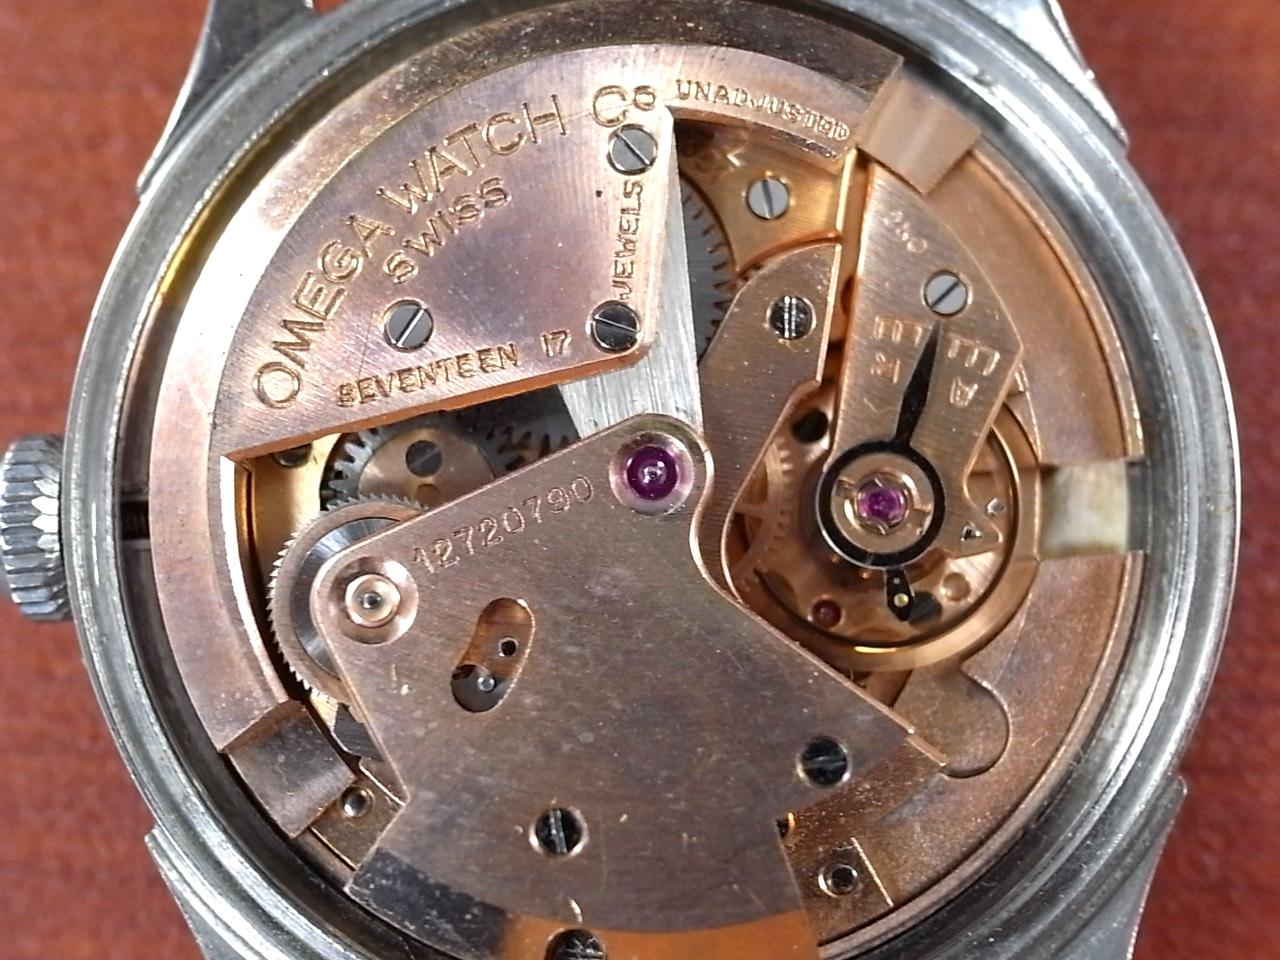 オメガ オートマチック バンパー Cal.351 ブレゲ数字 1950年代の写真5枚目